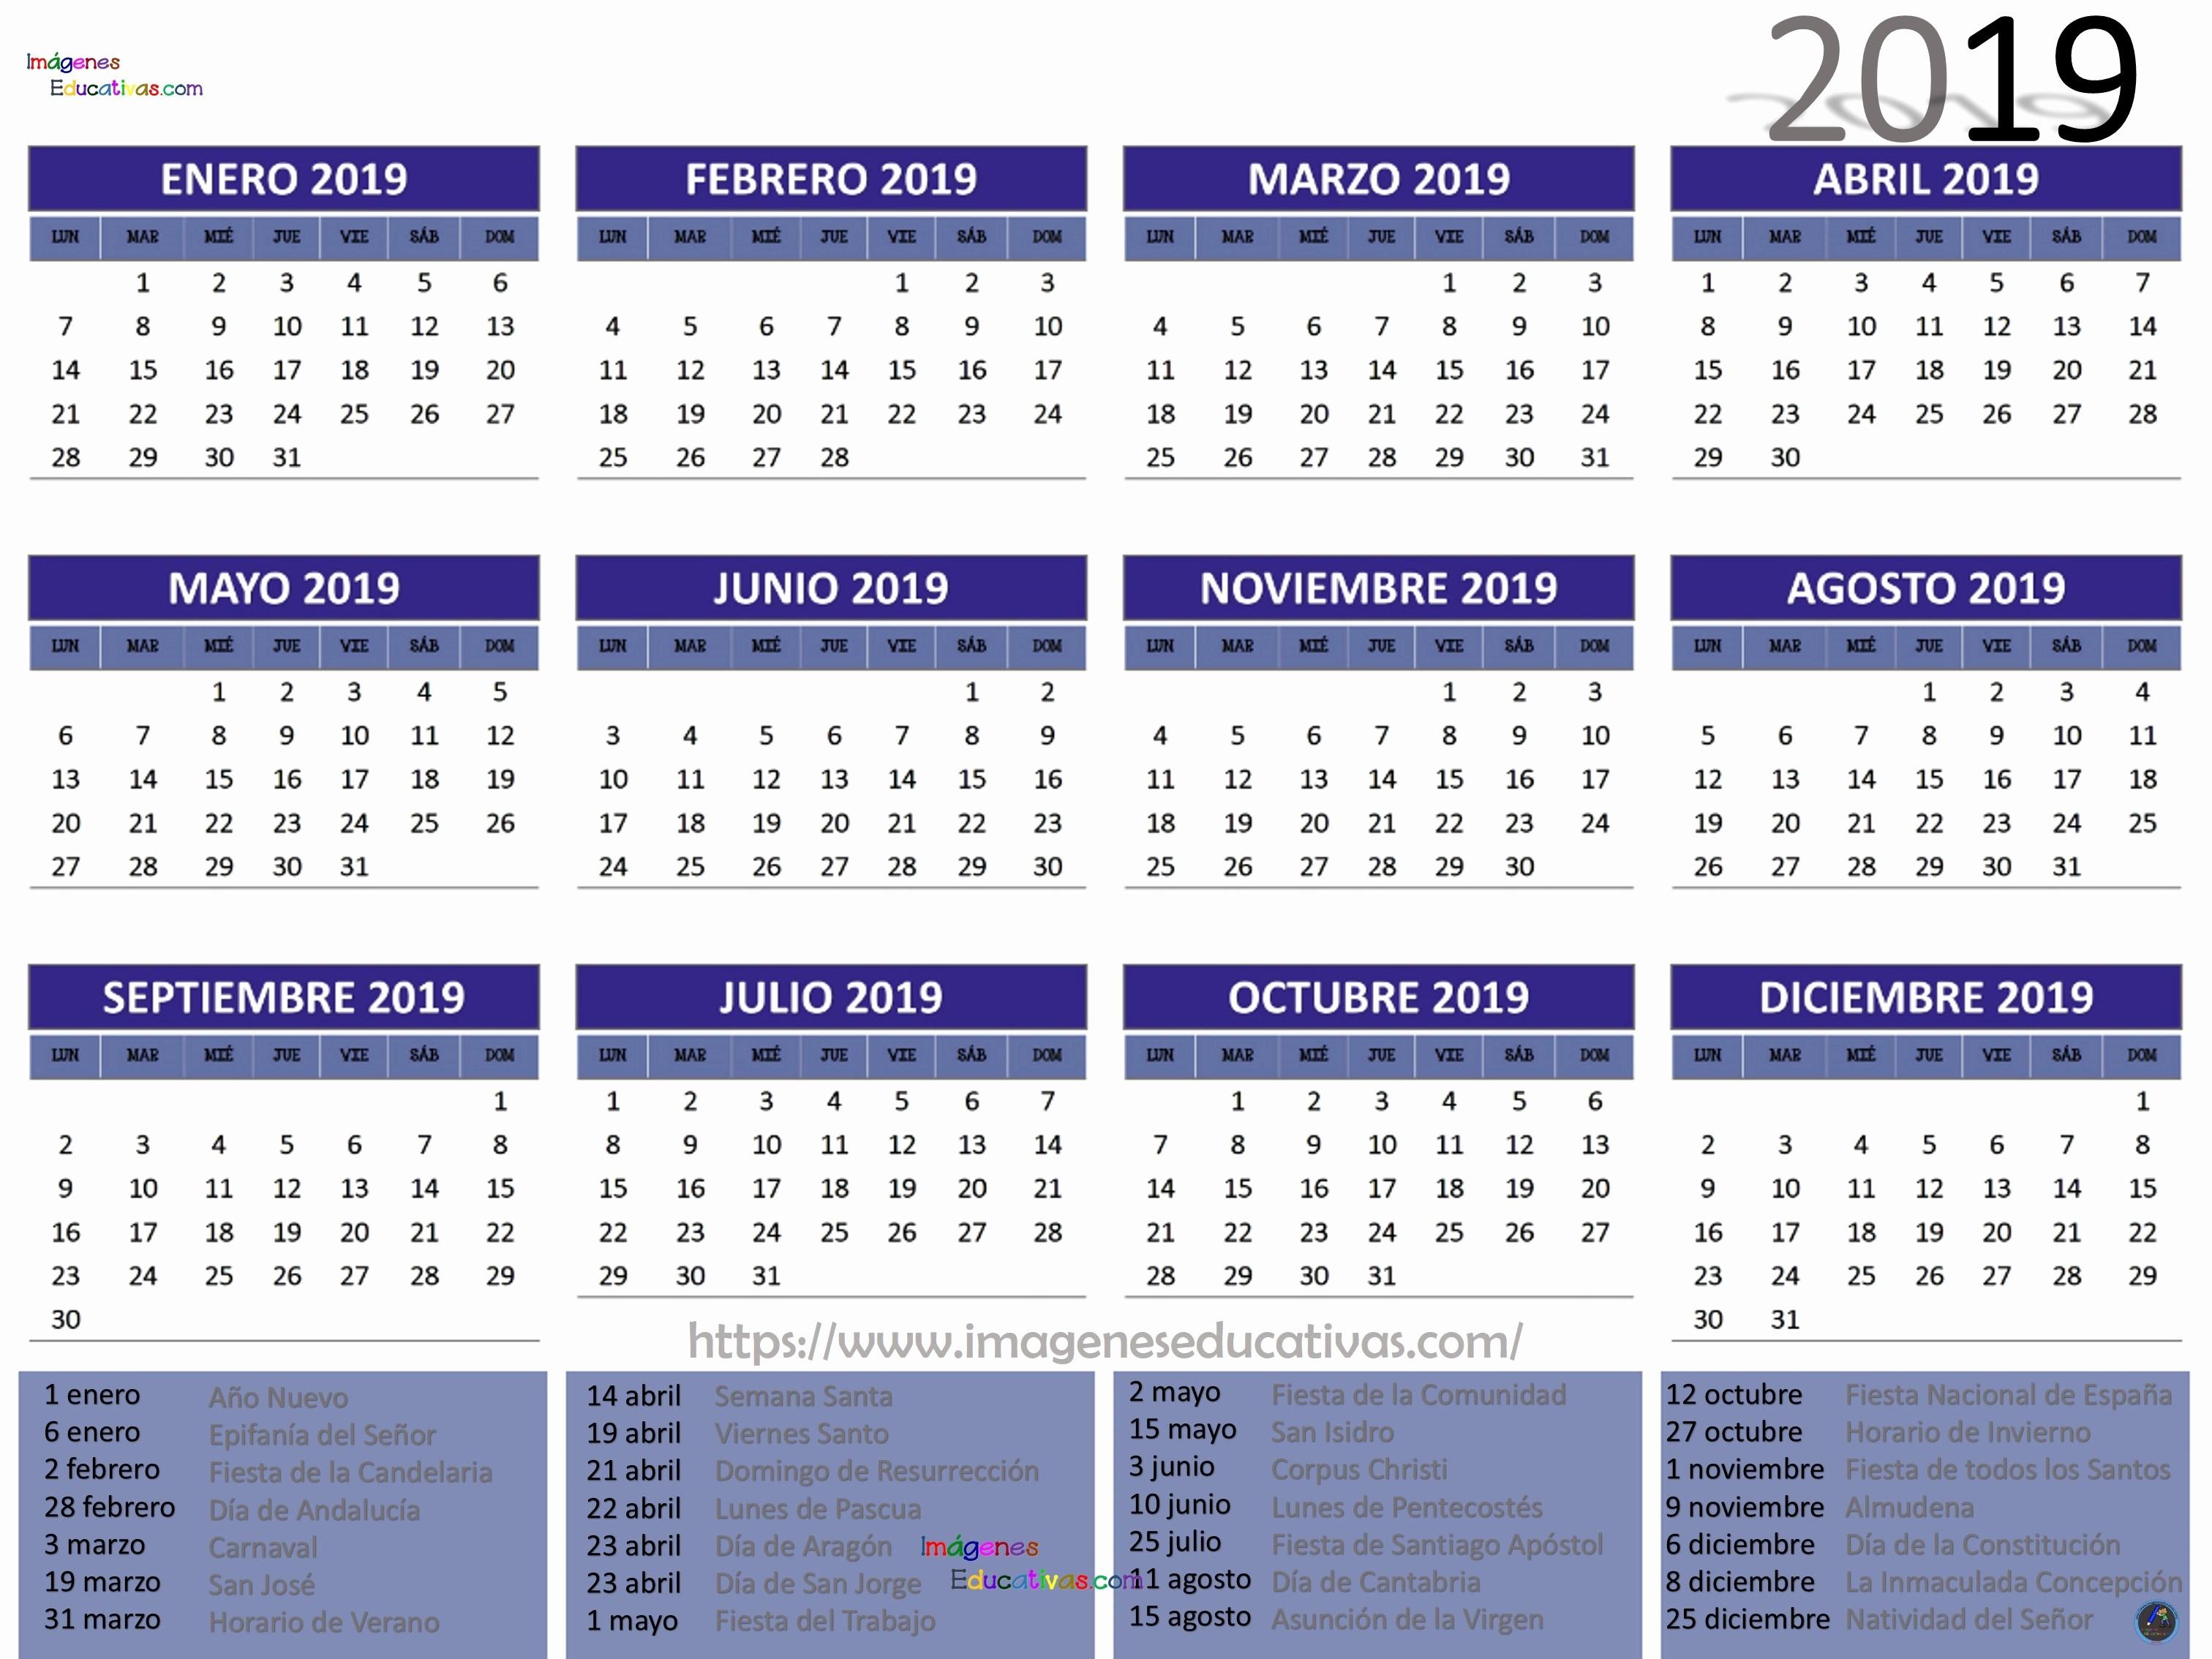 Calendario 2019 Escolar Panama Más Populares Calendario De Amor Letra 2019 Calendarios Agosto 2018 Ld Michel Of Calendario 2019 Escolar Panama Mejores Y Más Novedosos Dise±o Y Desarrollo De M³dulos Electr³nicos Para La Interconexi³n